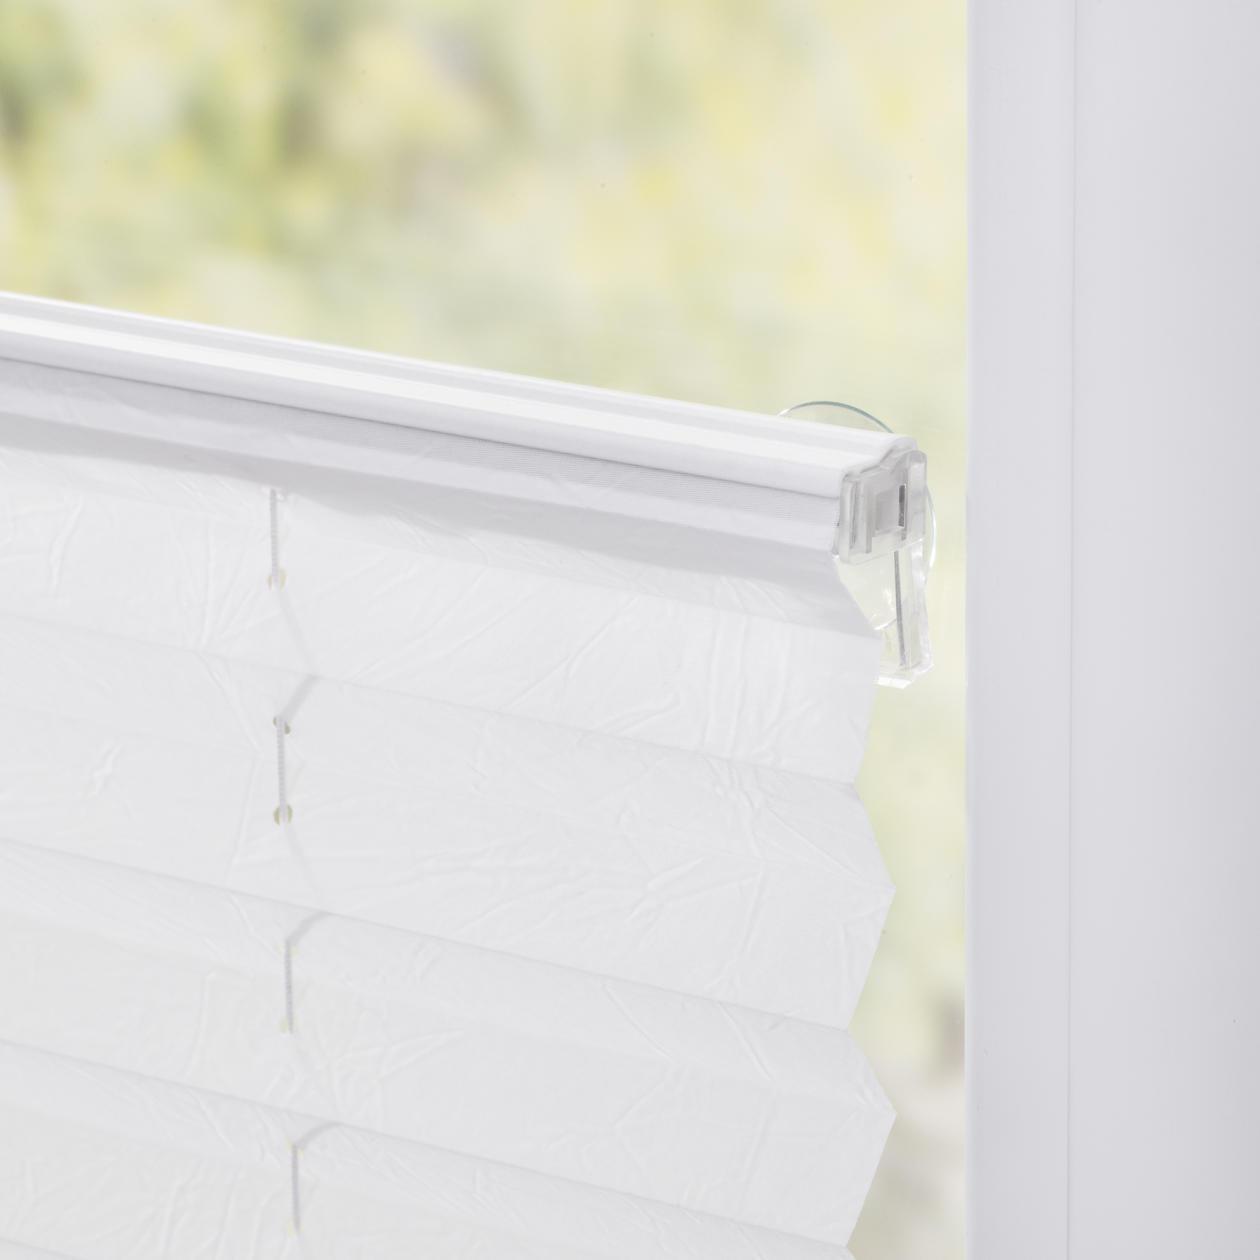 Plissee Für Feststehende Fenster Ohne Bohren : plissee haftfix ohne bohren blickdicht lichblick shop ~ Watch28wear.com Haus und Dekorationen